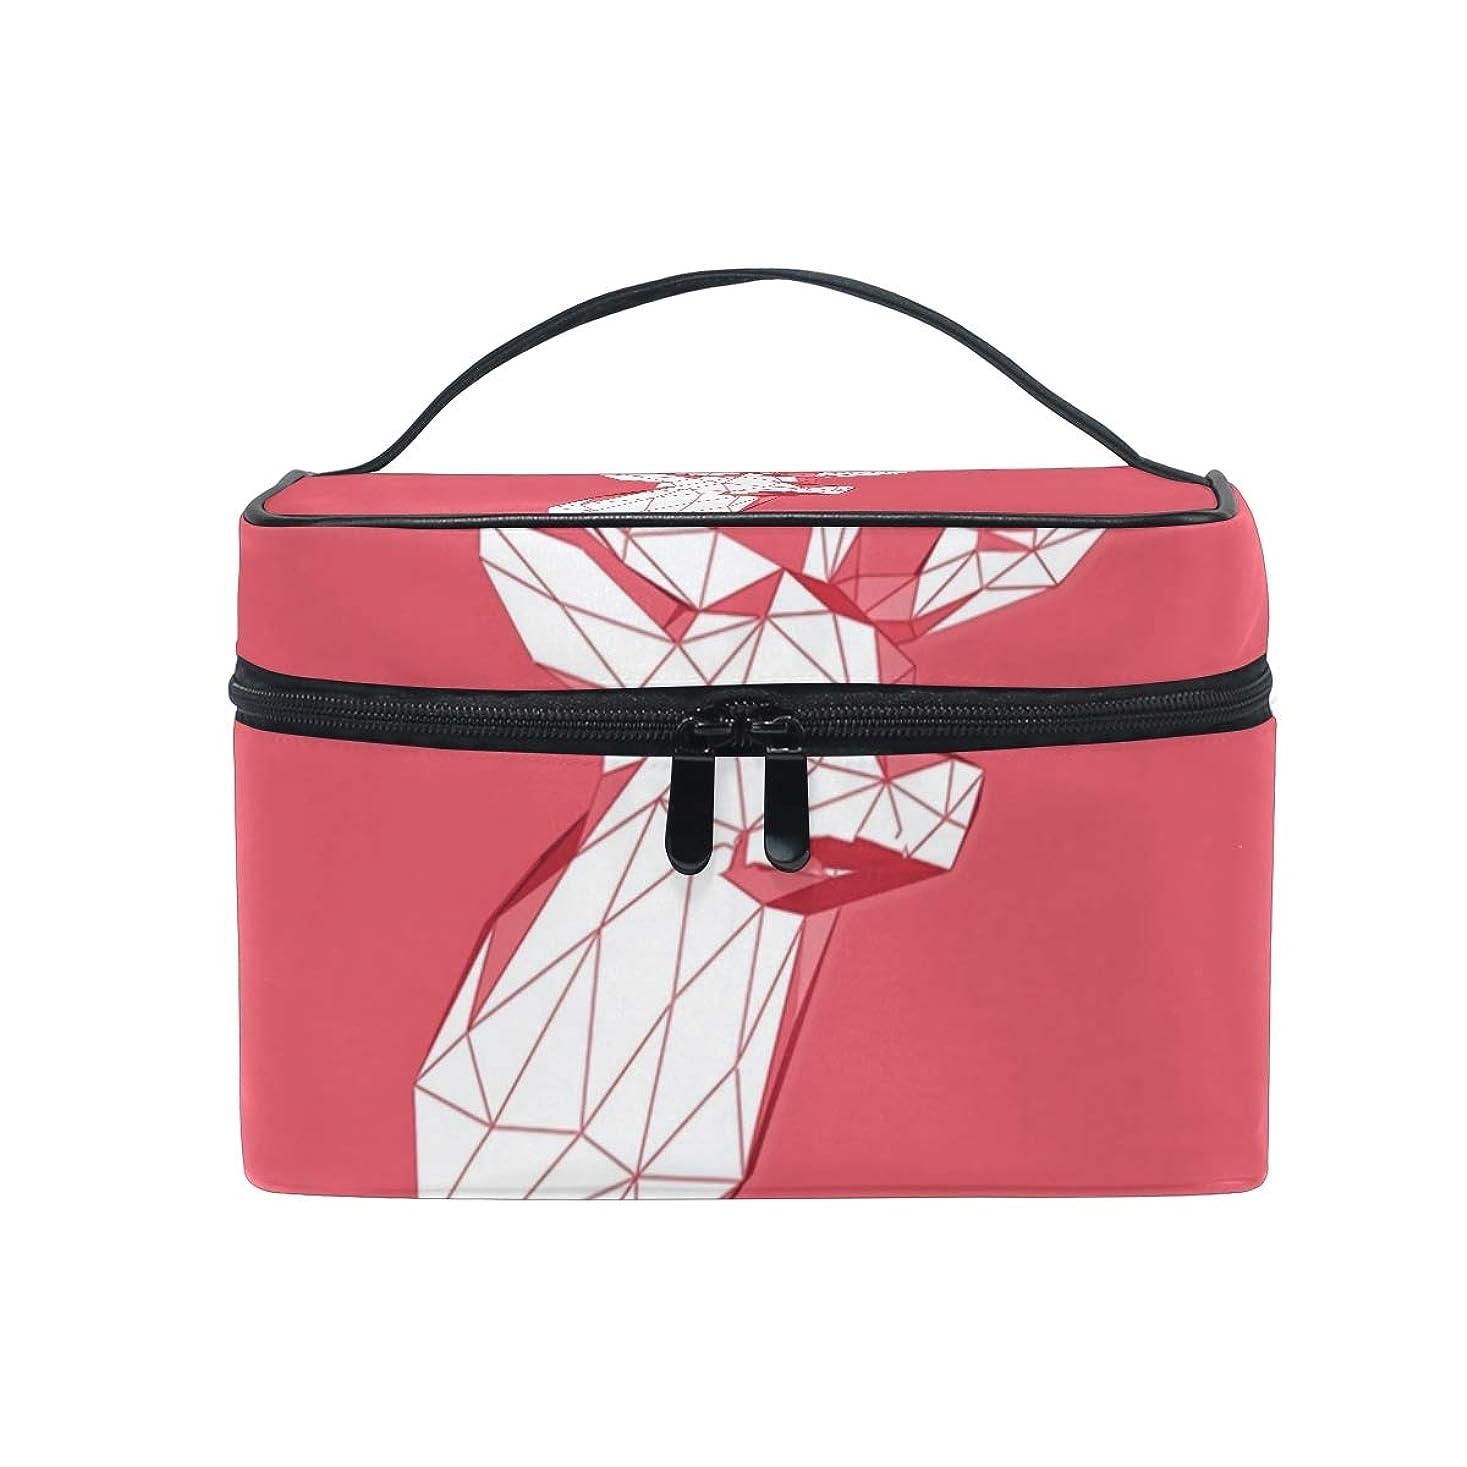 以来応答新しさメイクボックス 低ポリlowpolygon低柄 化粧ポーチ 化粧品 化粧道具 小物入れ メイクブラシバッグ 大容量 旅行用 収納ケース